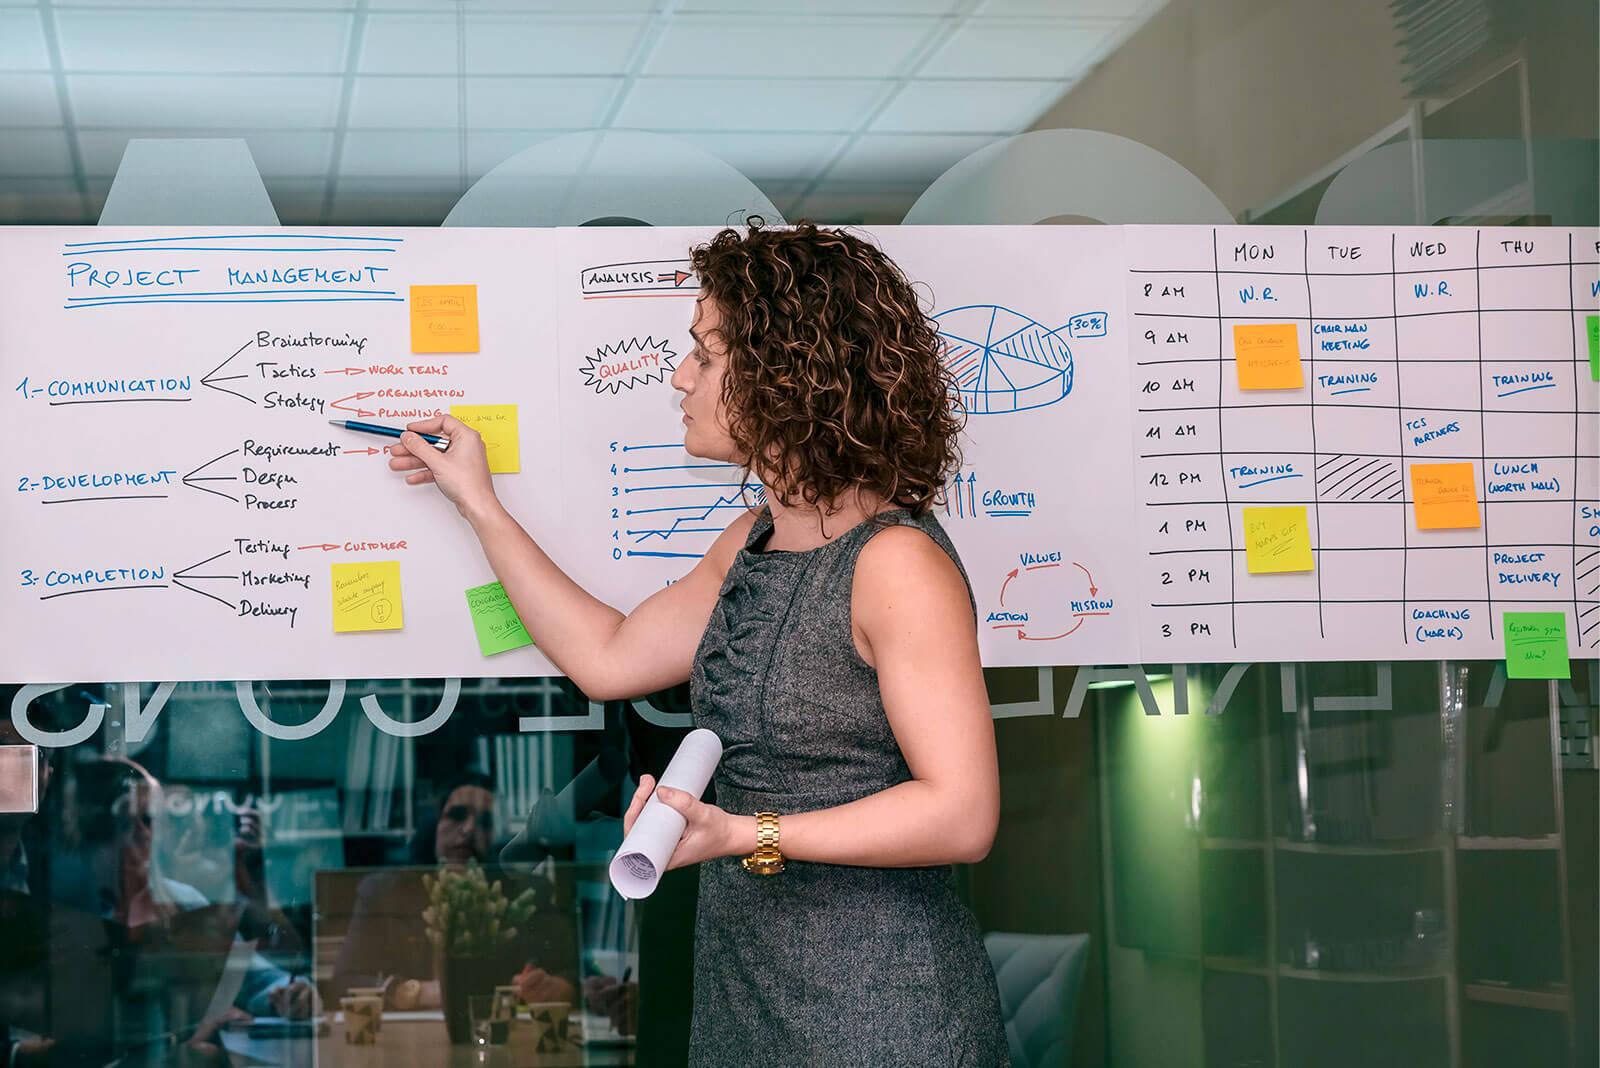 Гнучке управління проектами: шлях до задоволених клієнтів